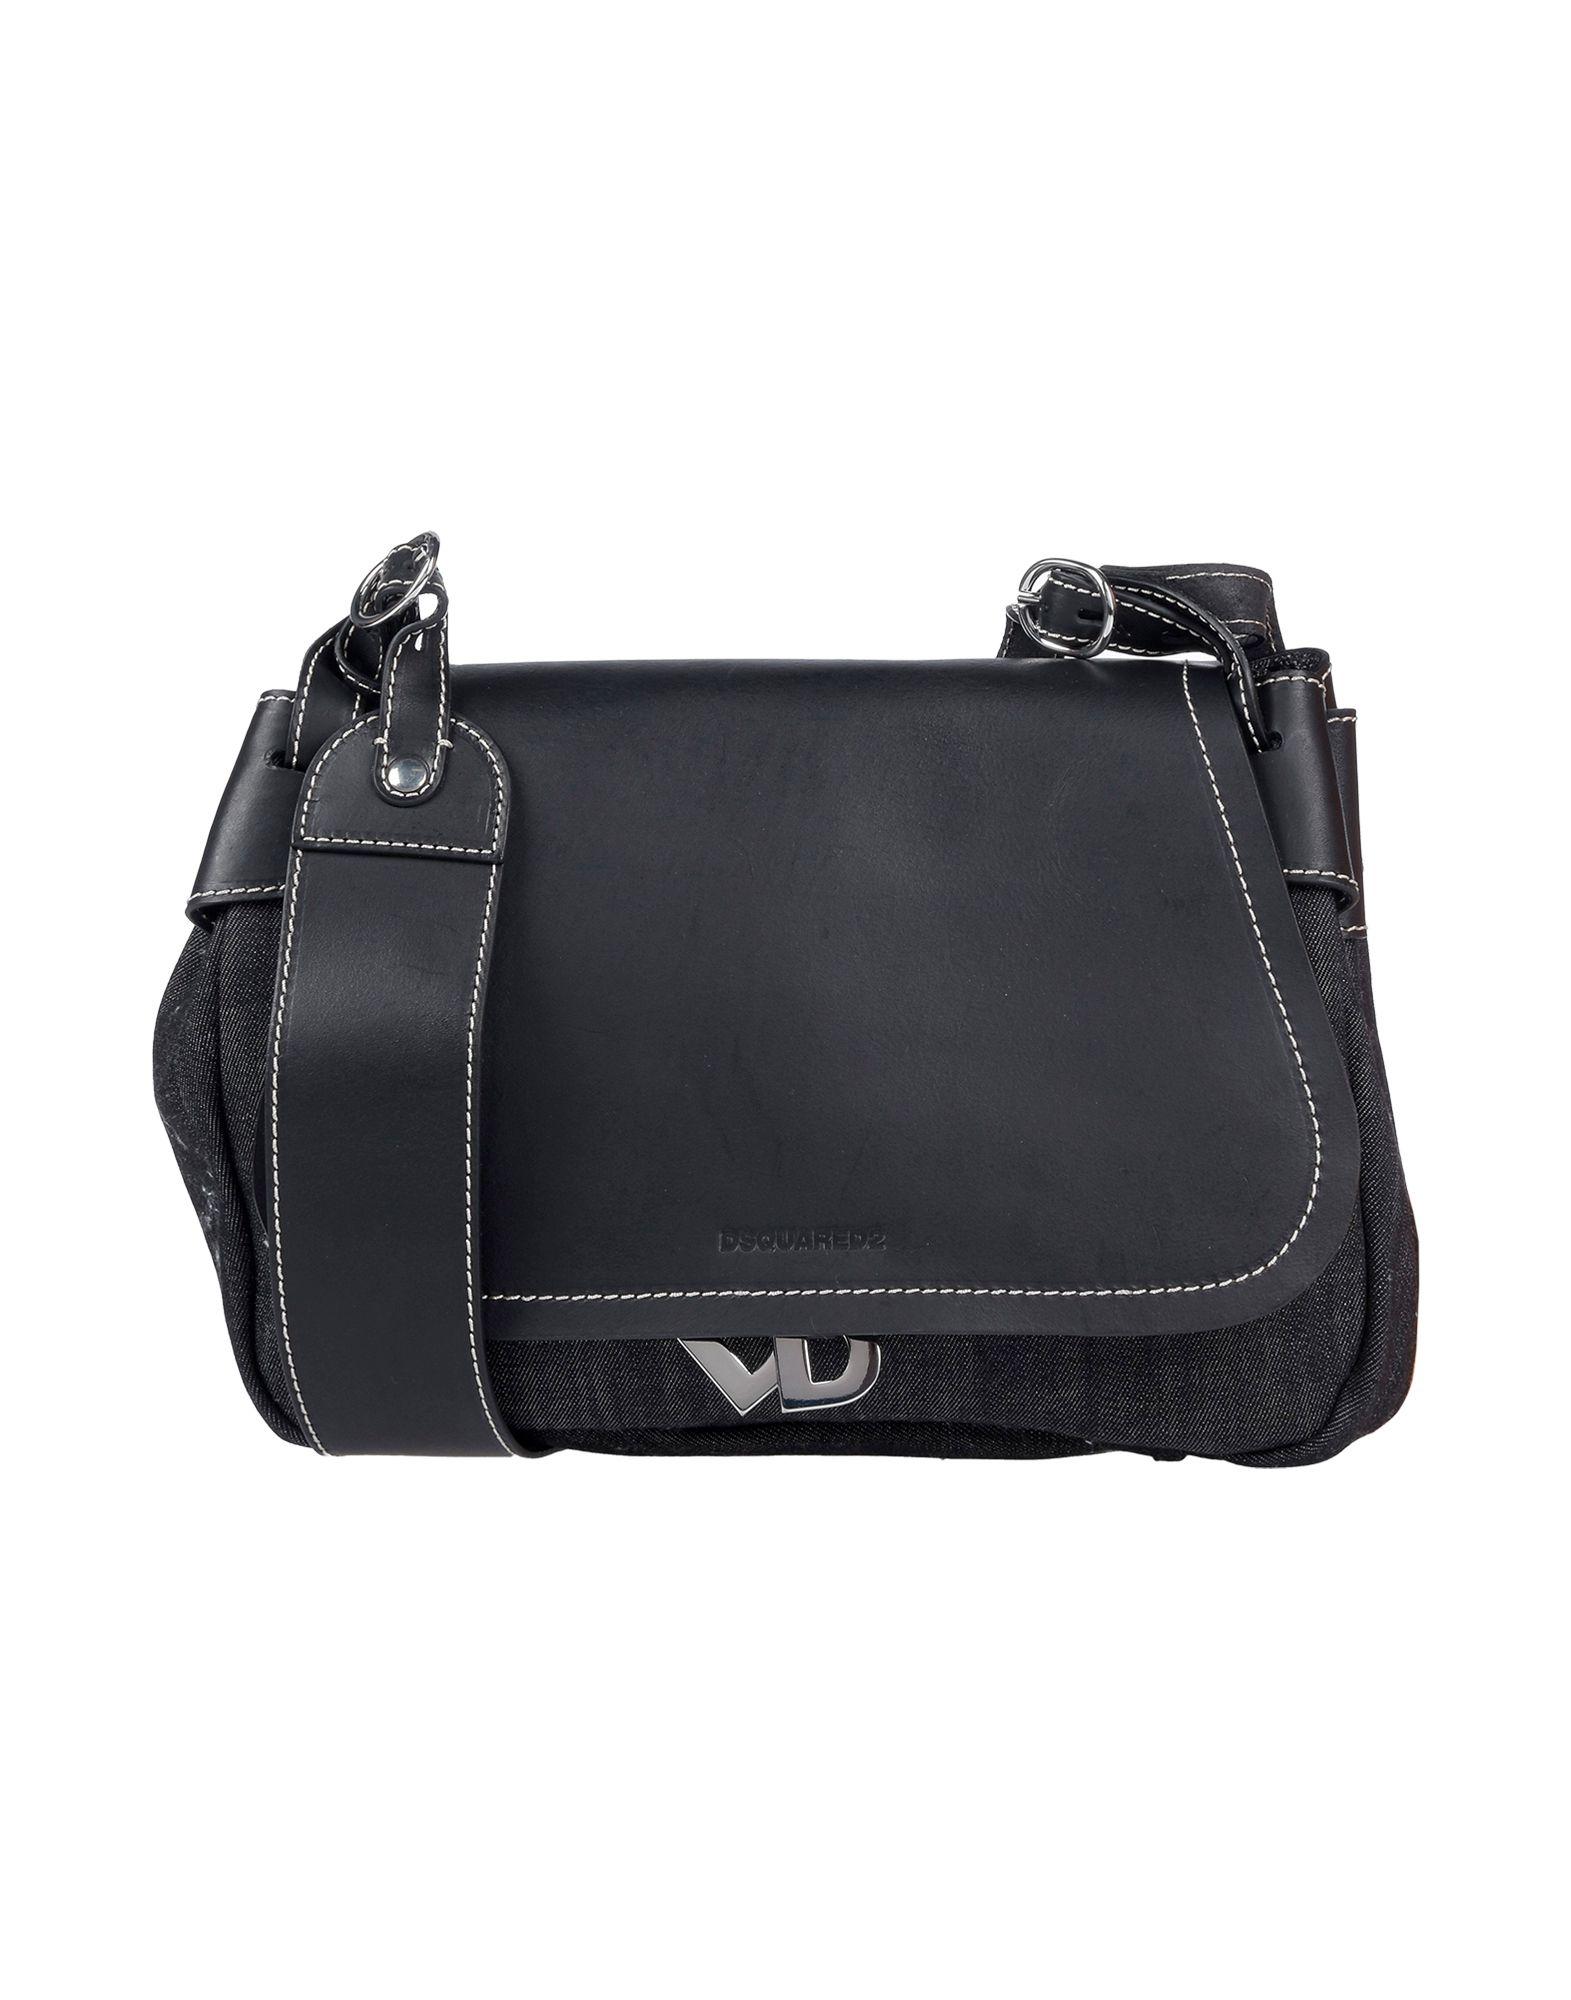 DSQUARED2 Сумка через плечо сумка через плечо anais gvani croco ag 1471 350161